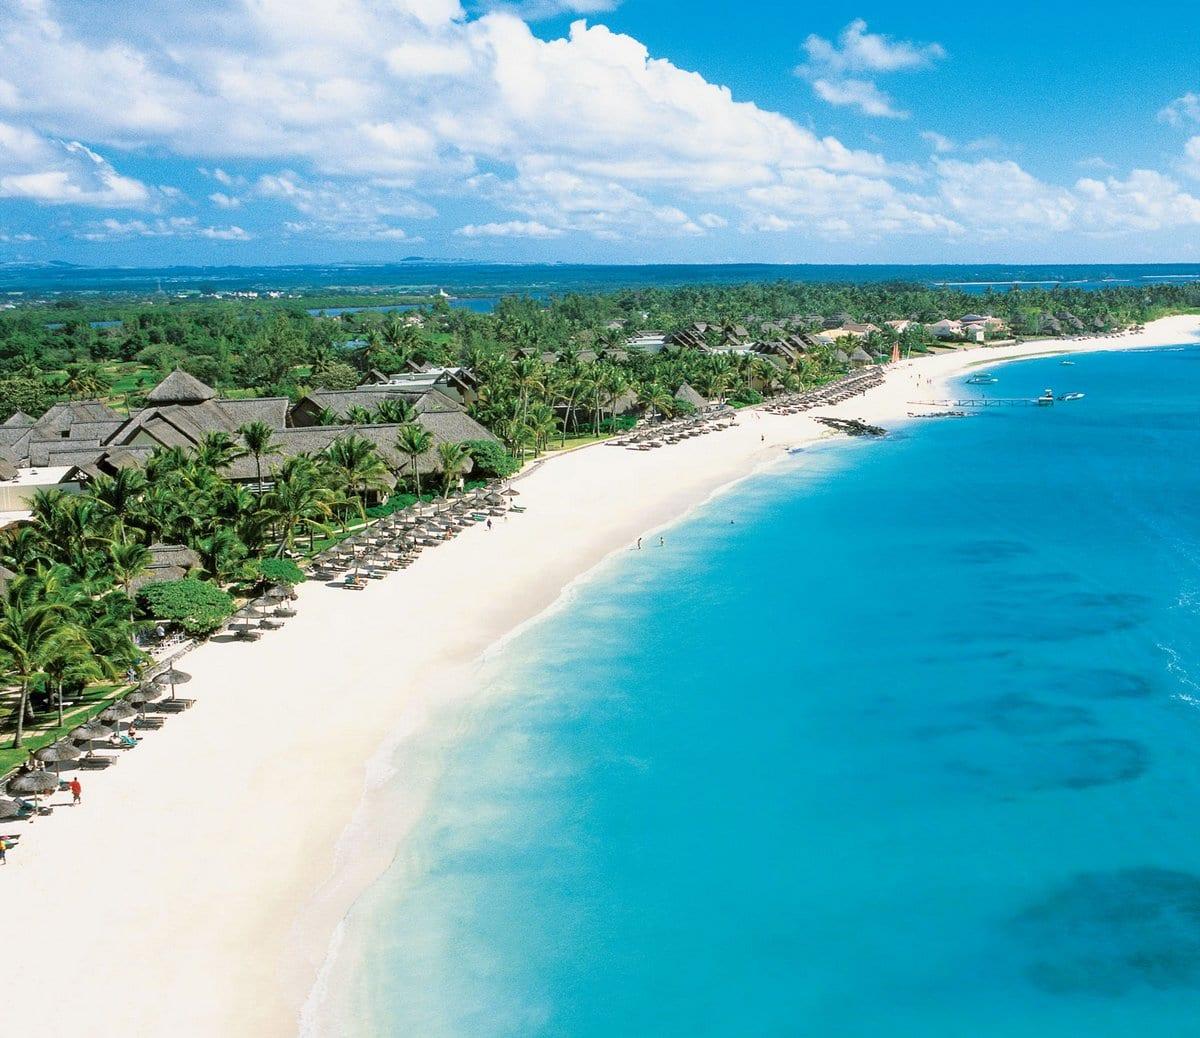 Отель Constance Belle Mare Plage на острове Маврикий